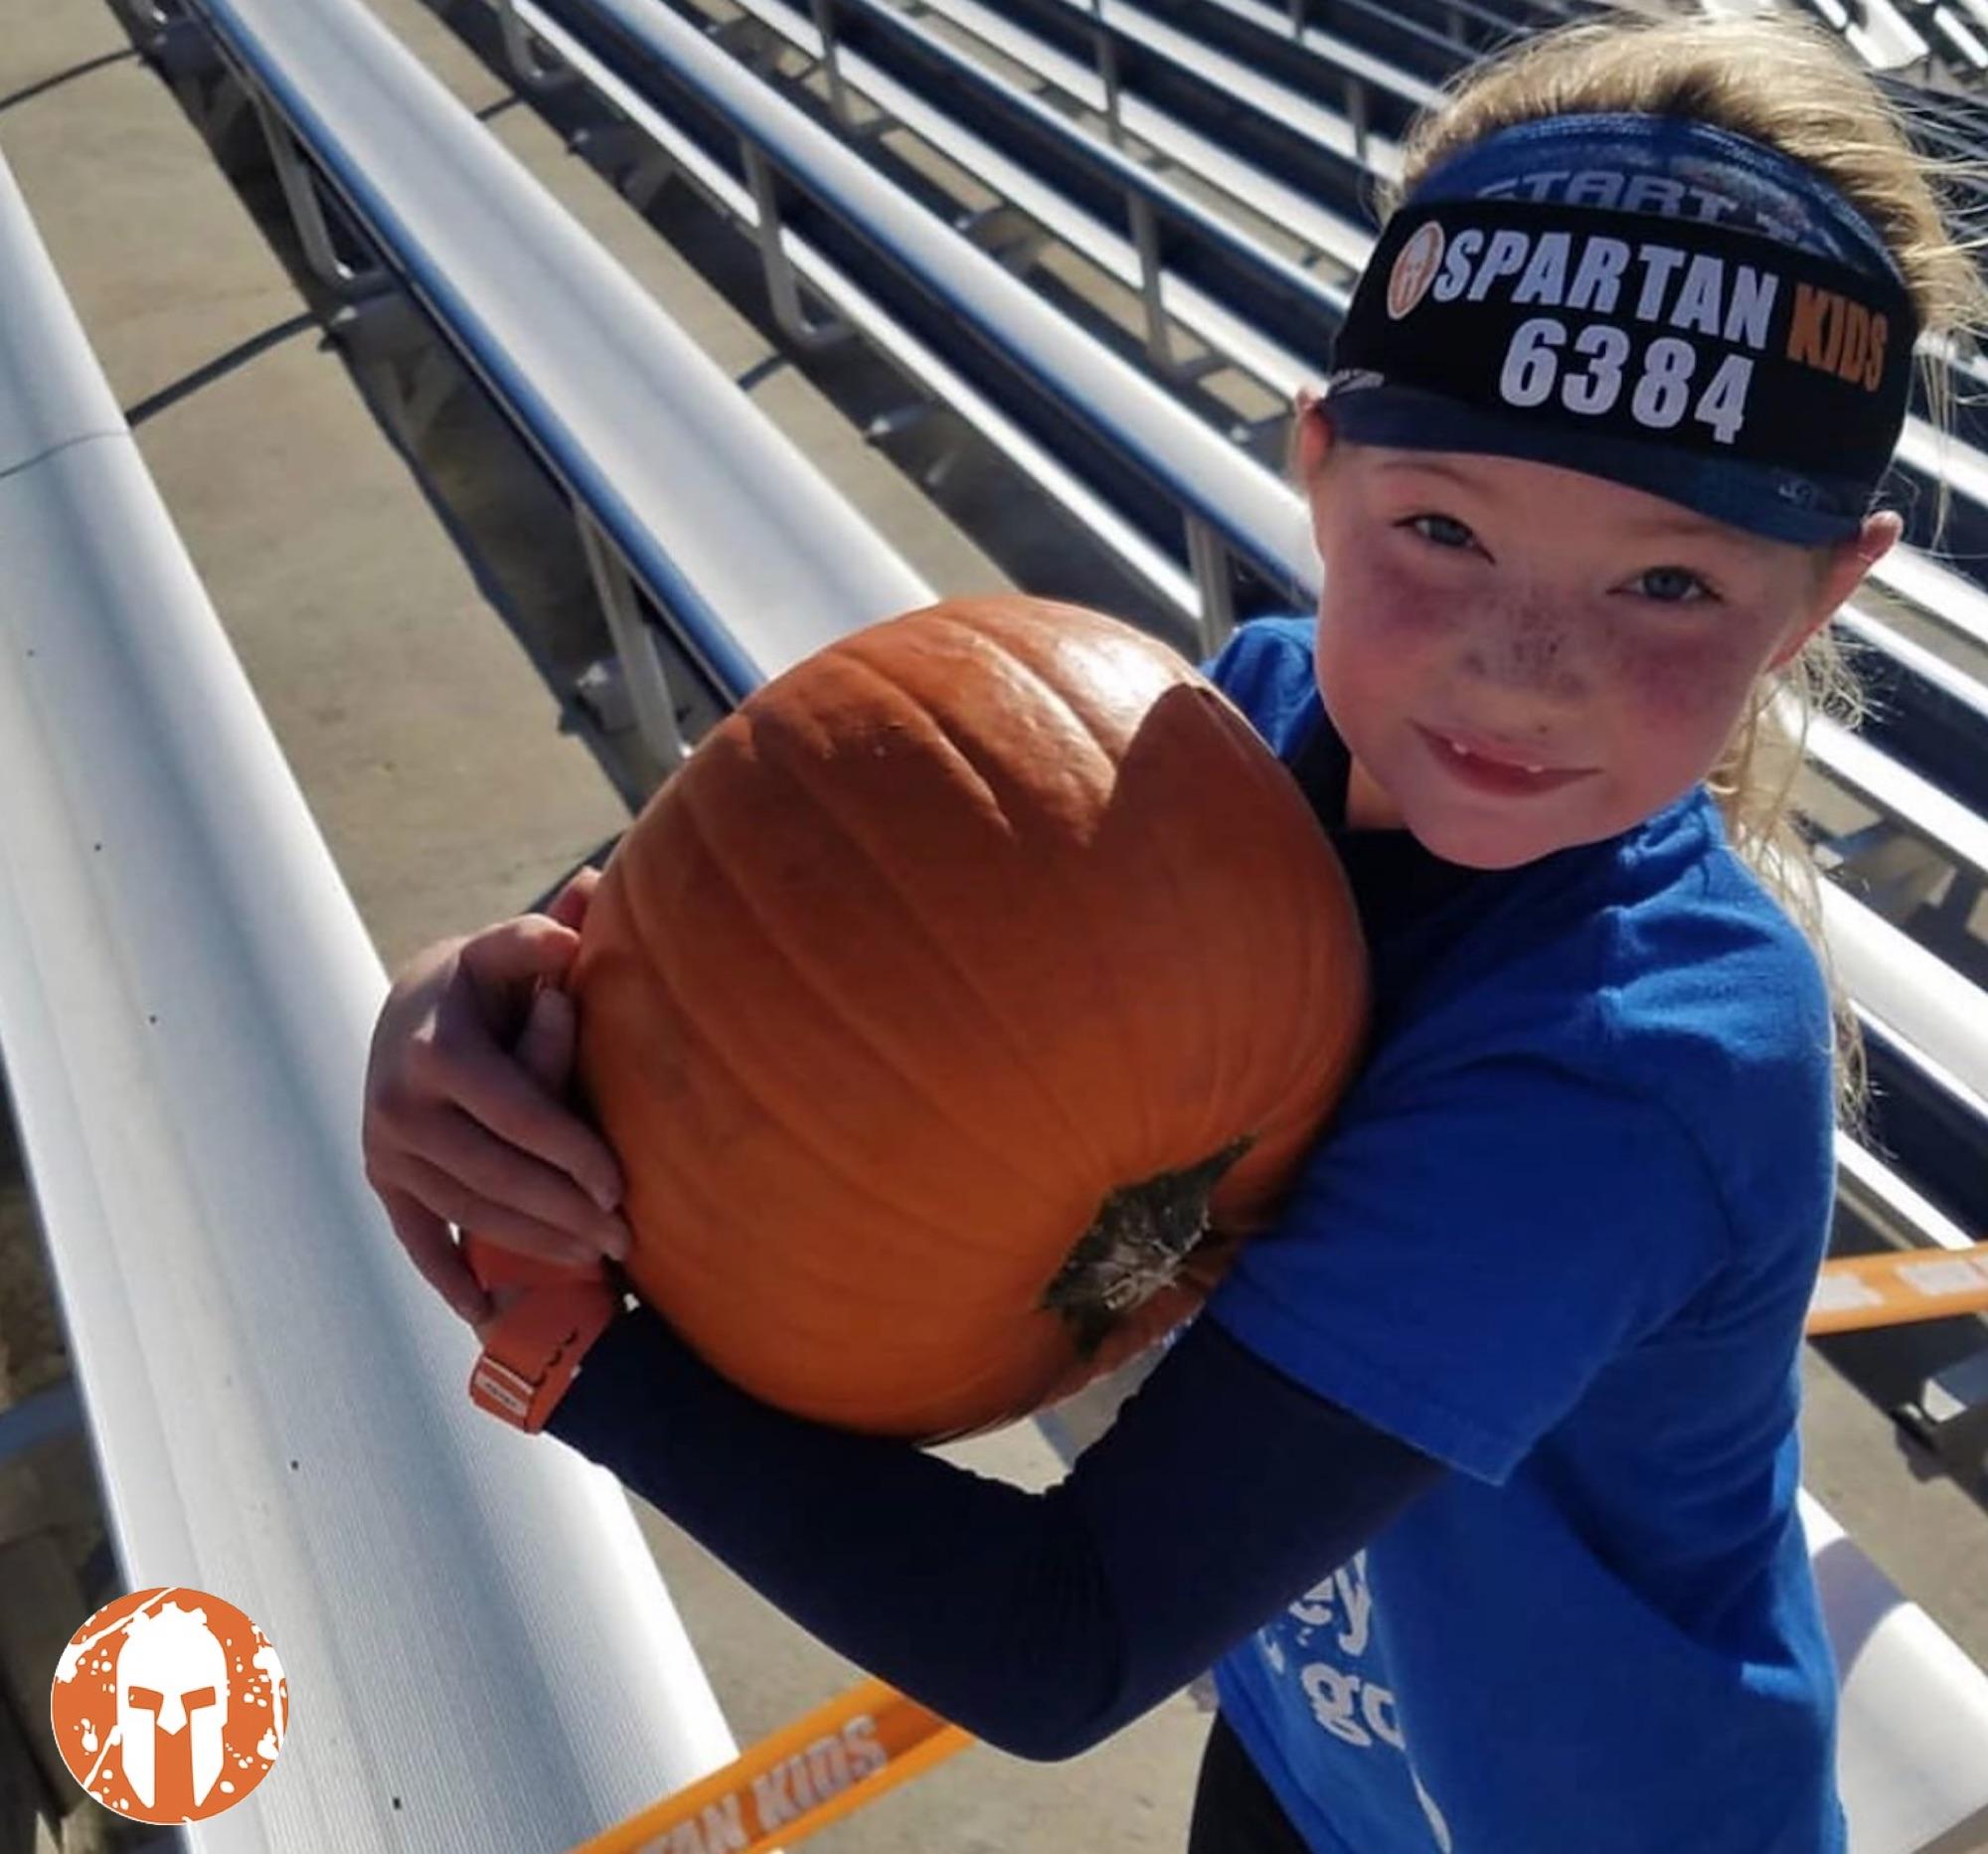 Chicago Spartan Stadium Kids Race 2020